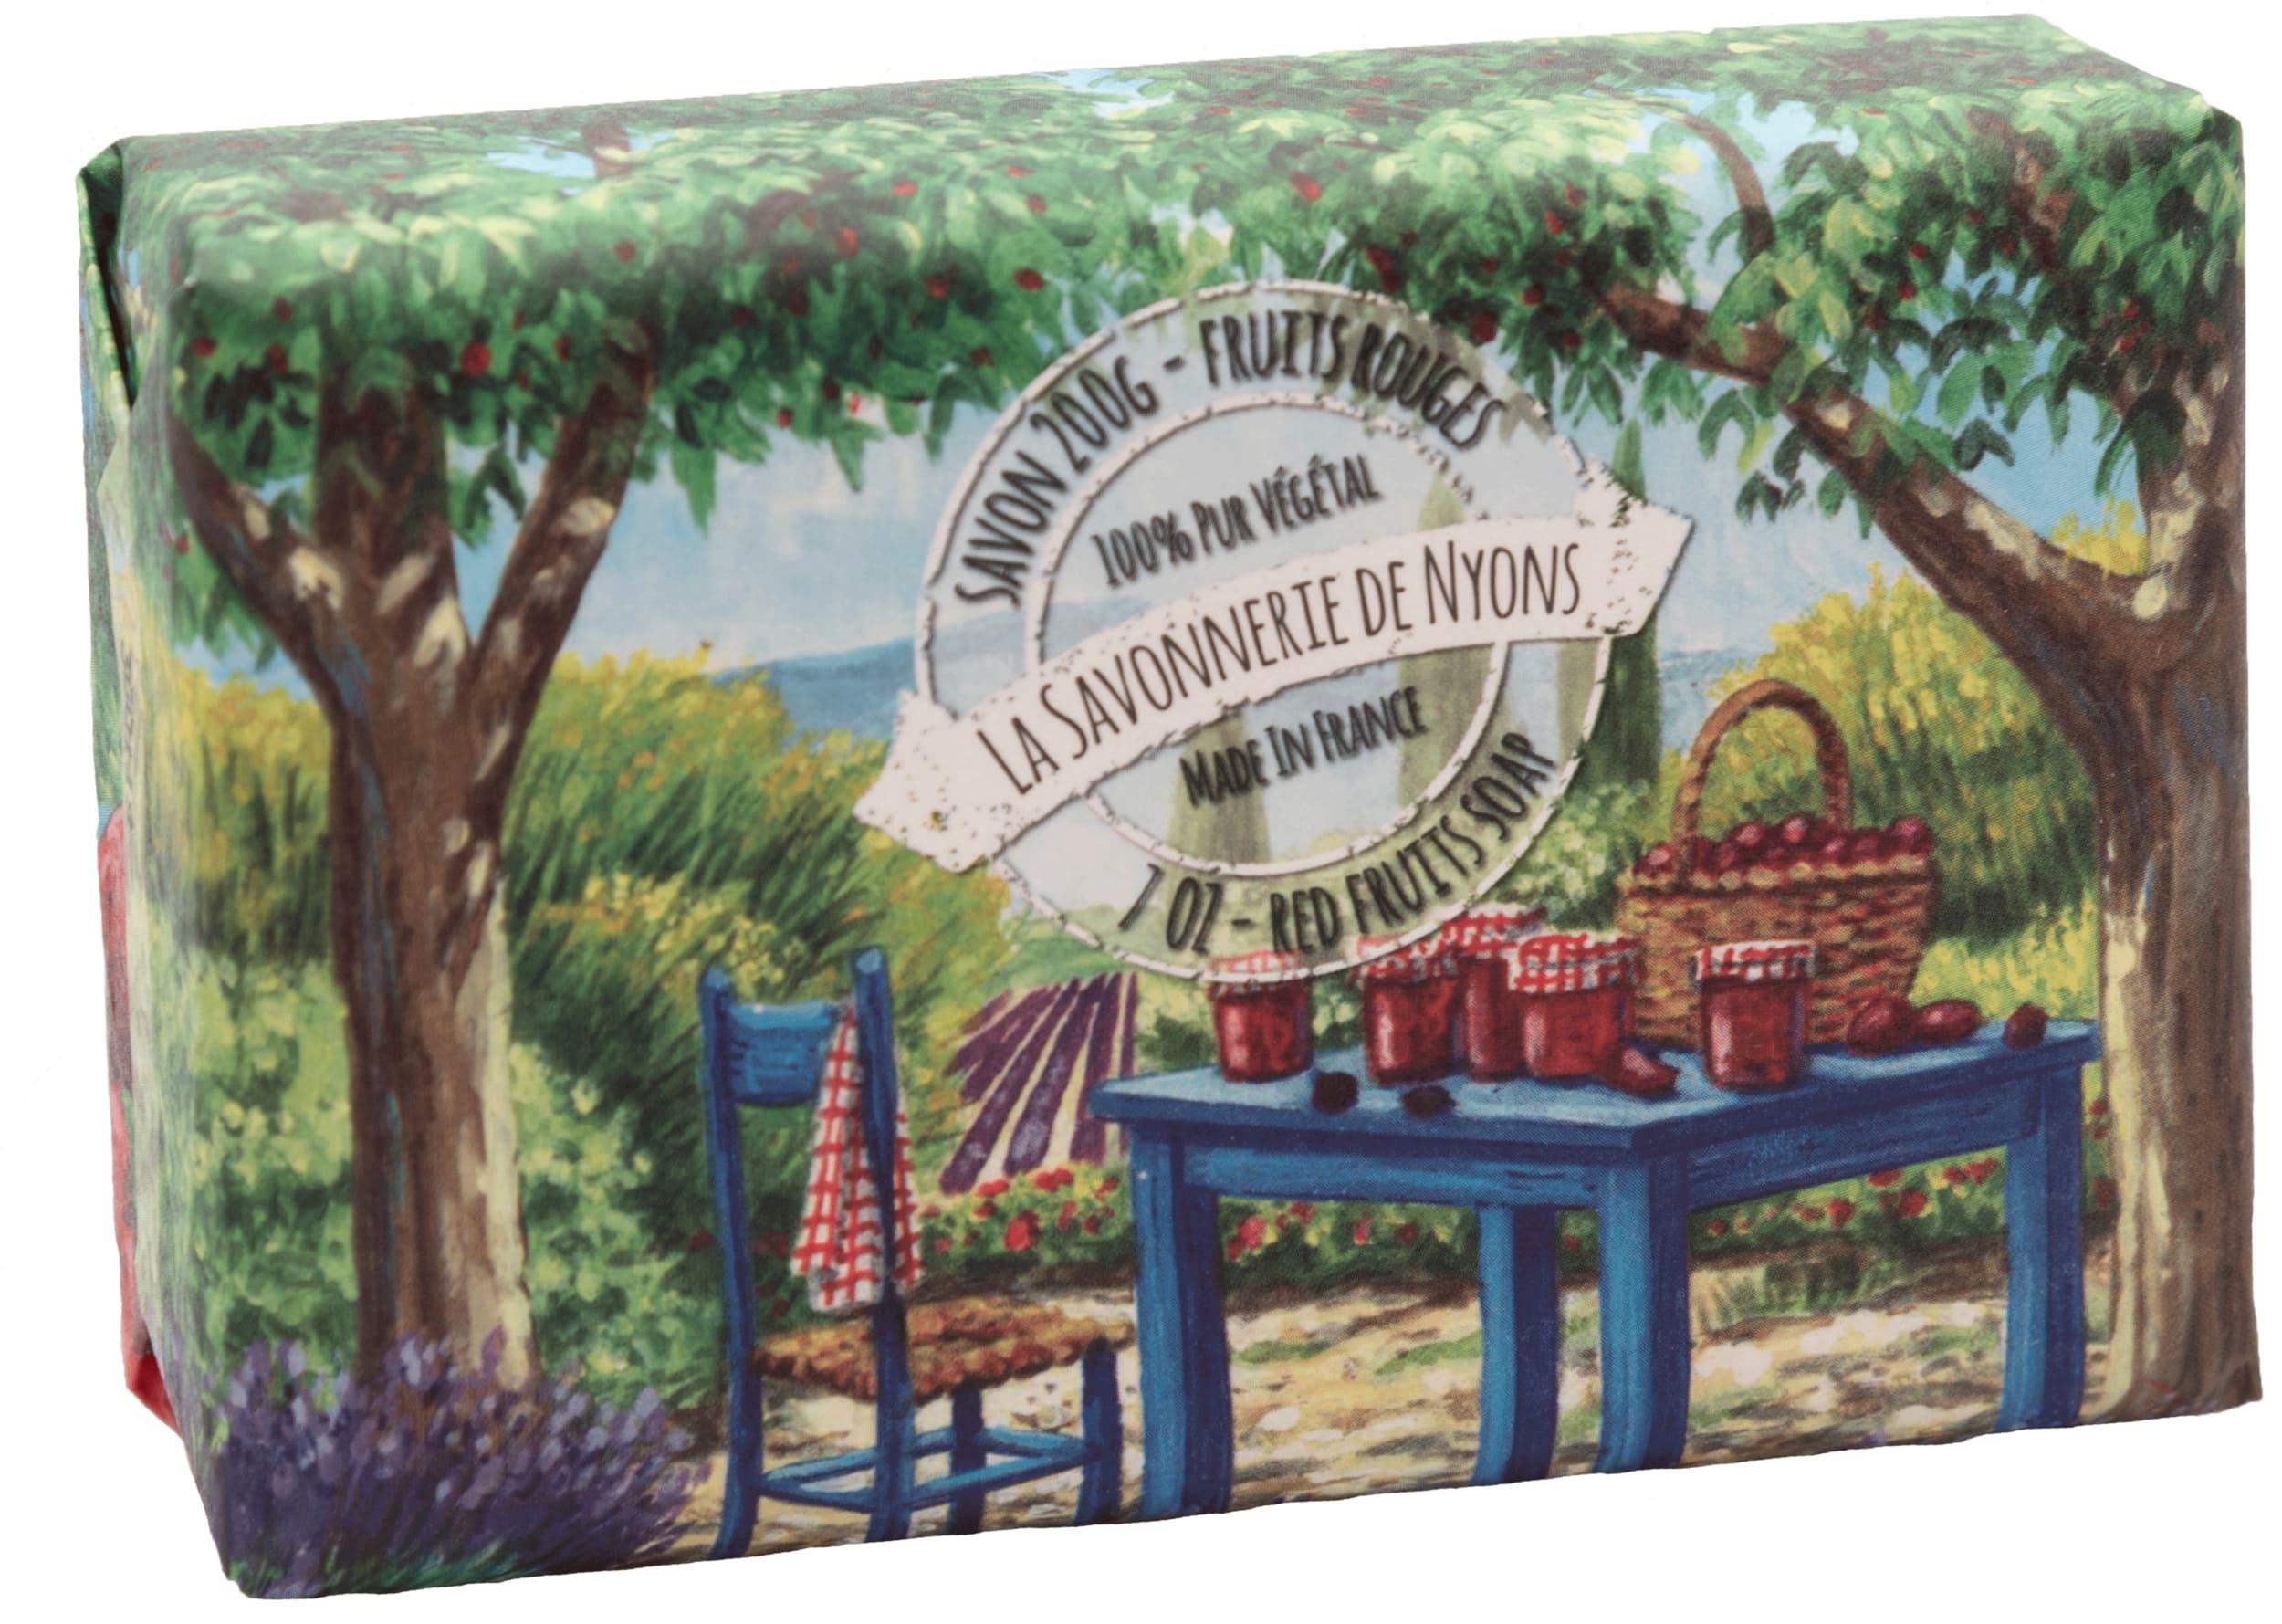 Seifen 200g in Papierverpackung - Rote Früchte